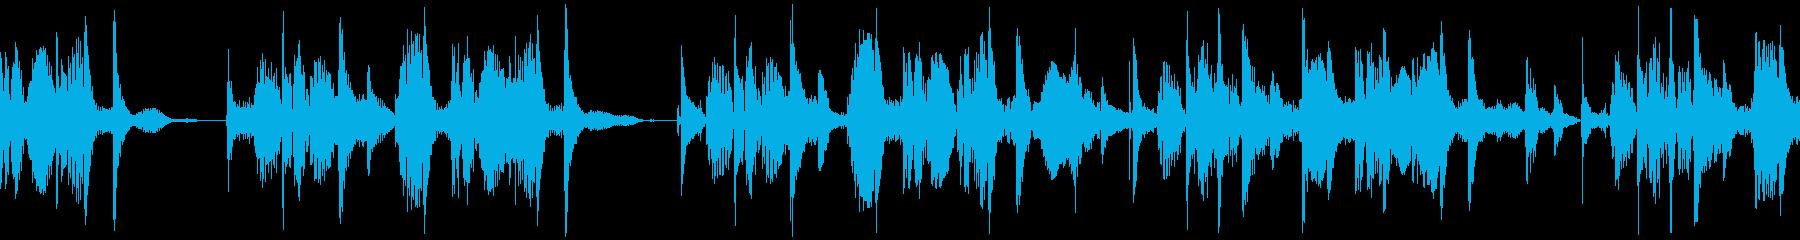 ダブの要素も入ったヒップホップビートの再生済みの波形